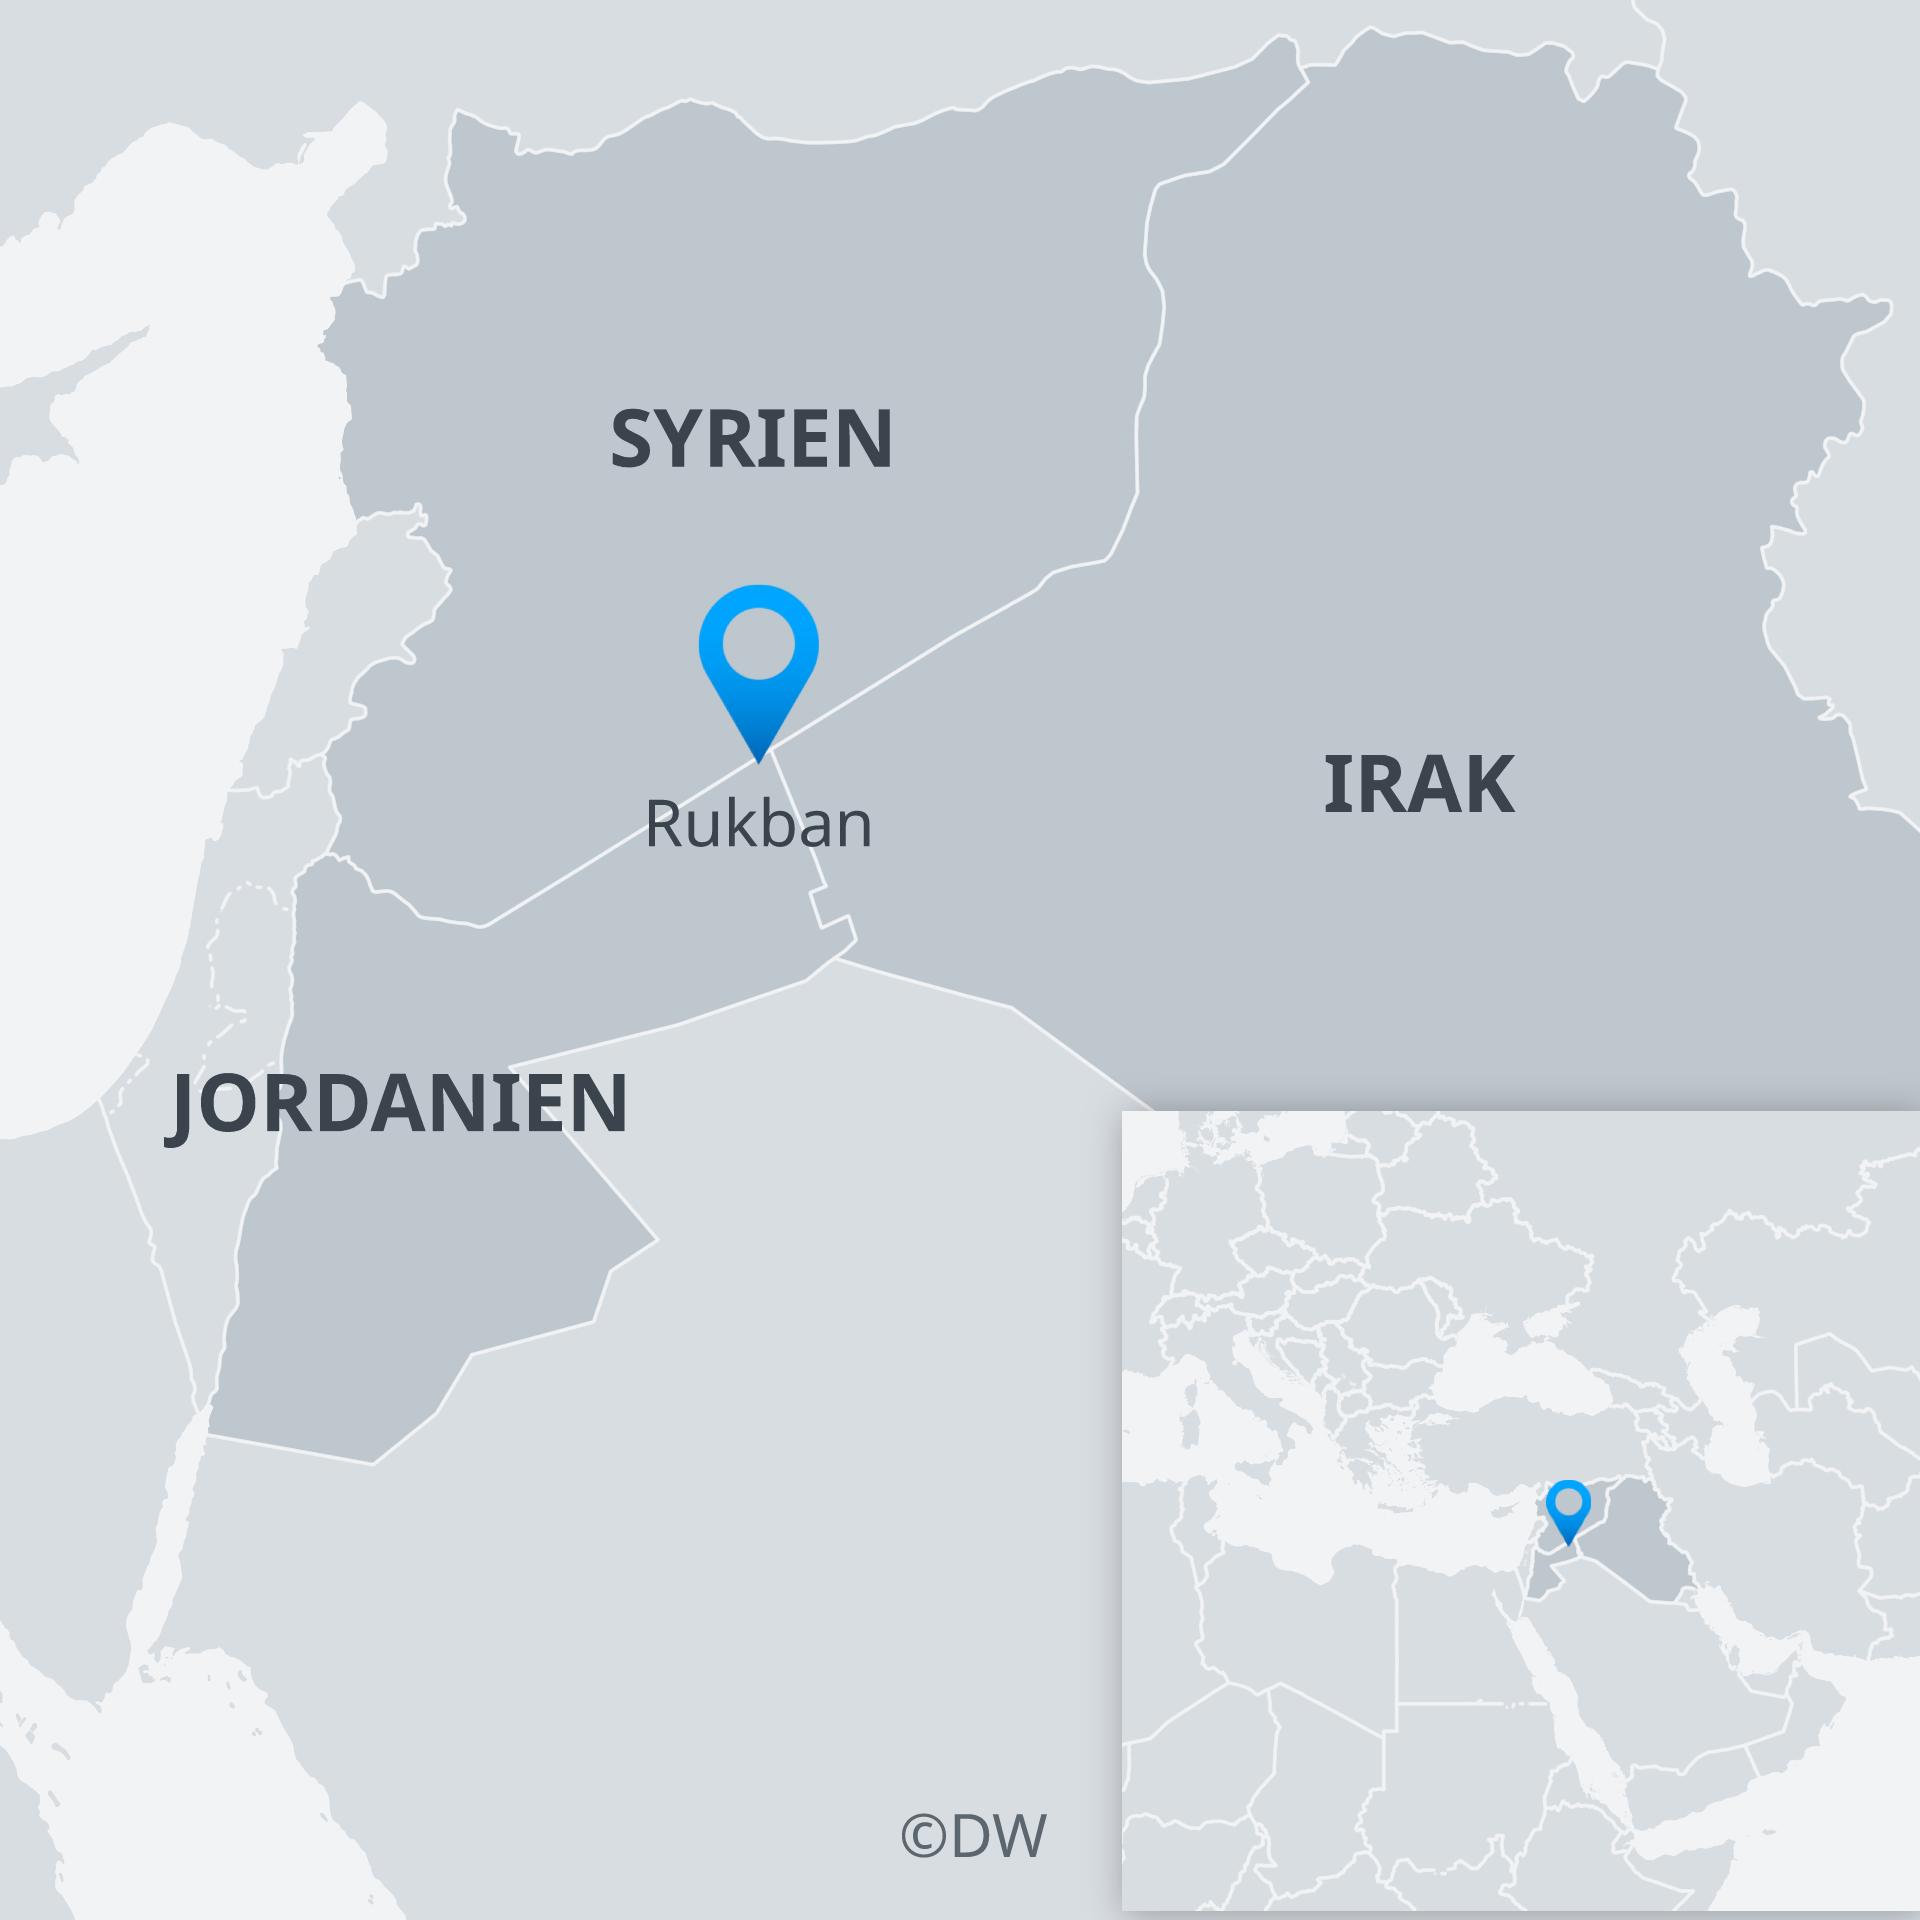 Karte Syrien Rukban Jordanien Irak DE